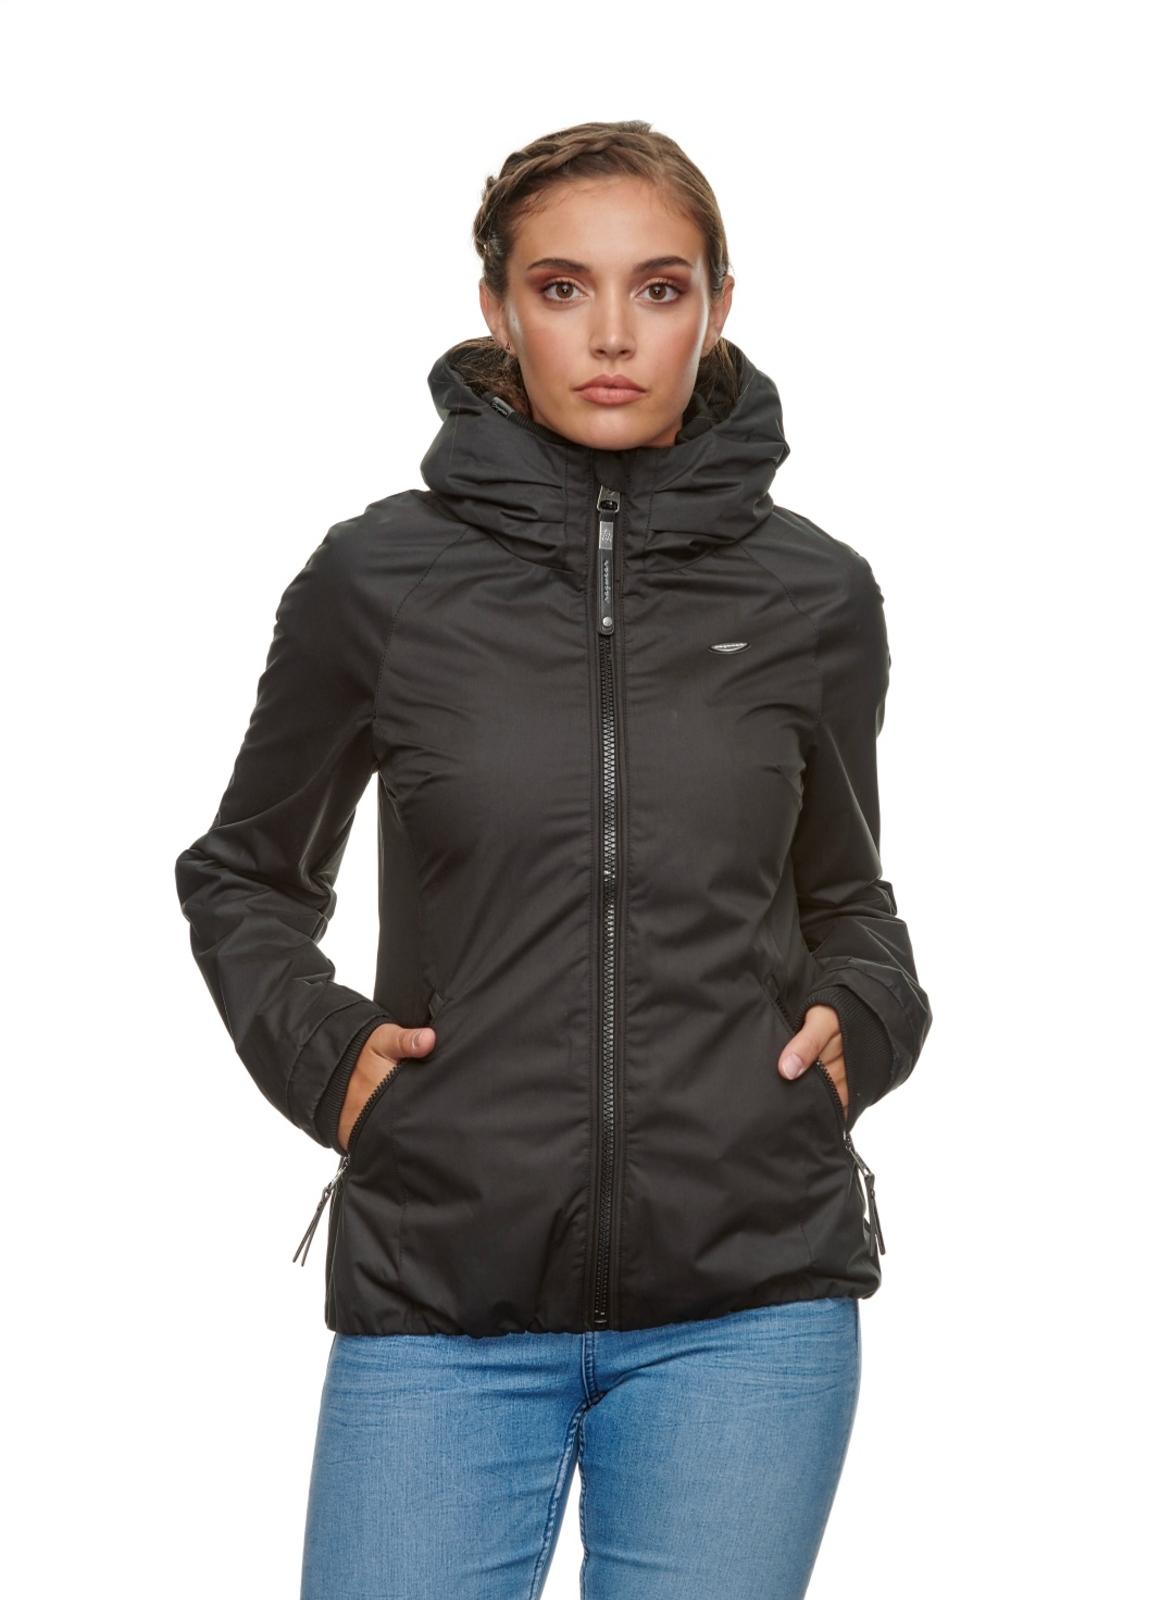 Ragwear Damen Sommer Jacke schwarz unifarben Dizzie 2111 60007 1010 black